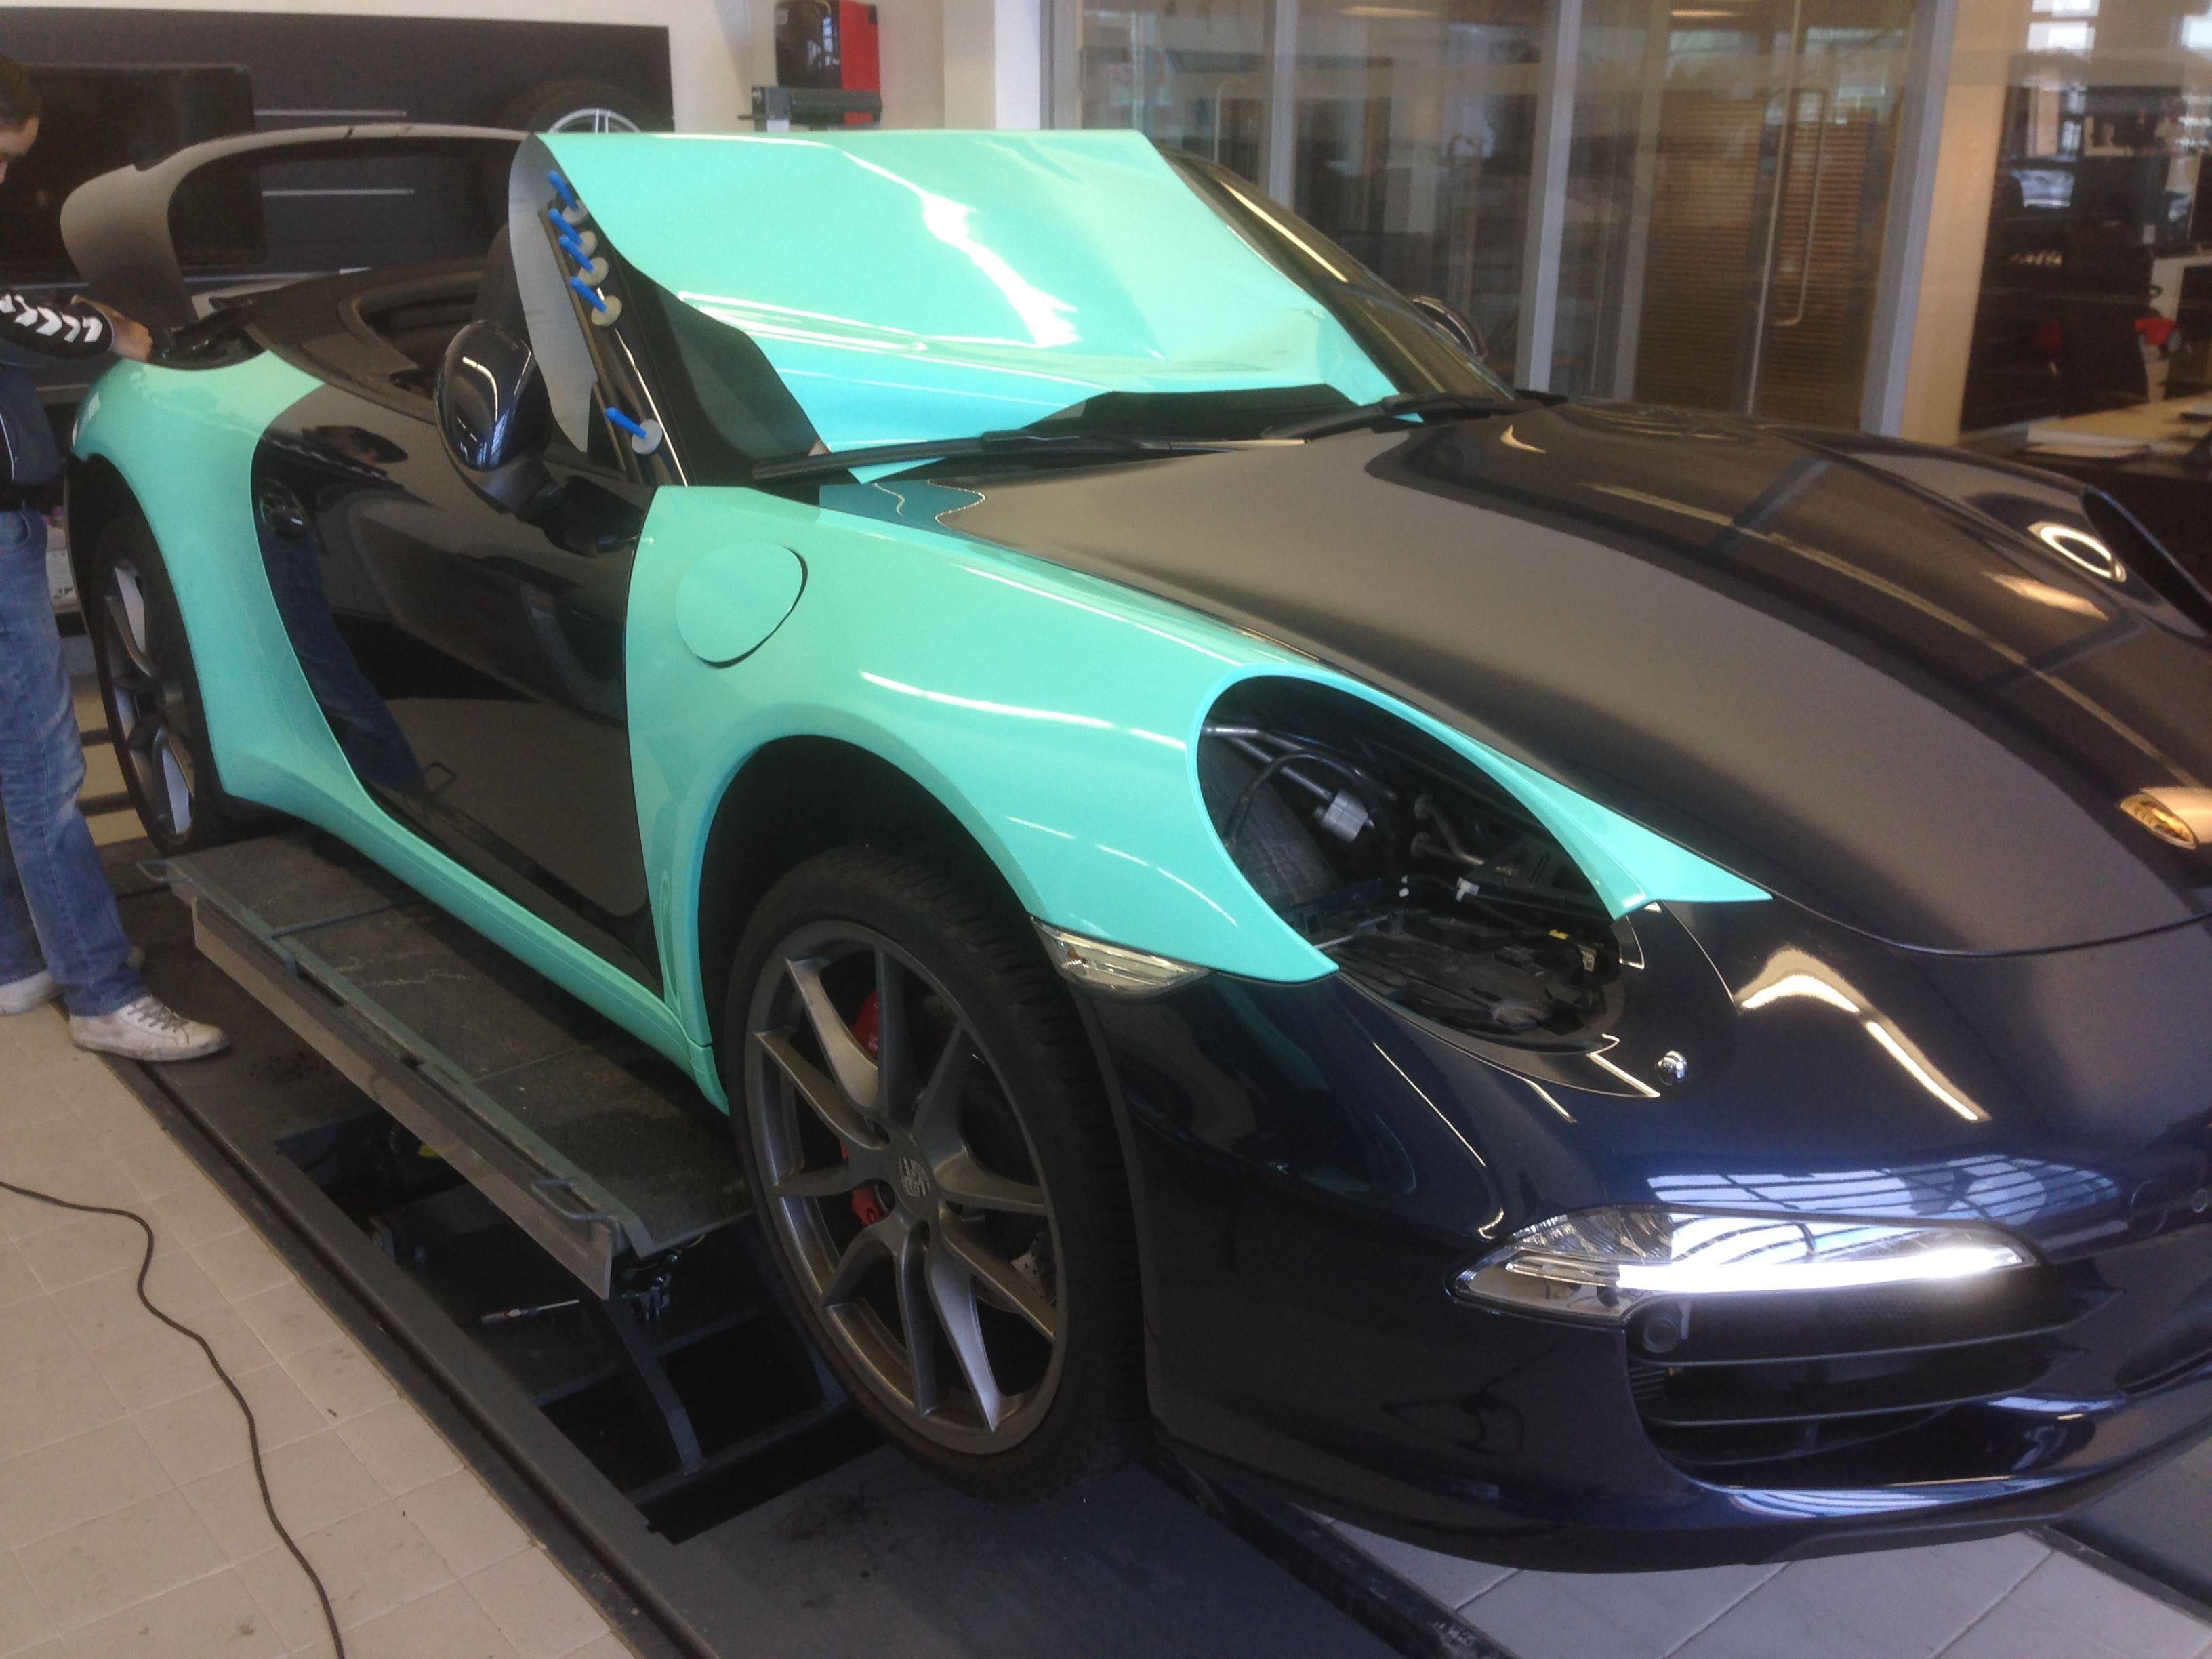 Porsche Carrera Turbo S Cabrio met Mint Green Wrap, Carwrapping door Wrapmyride.nu Foto-nr:6732, ©2020